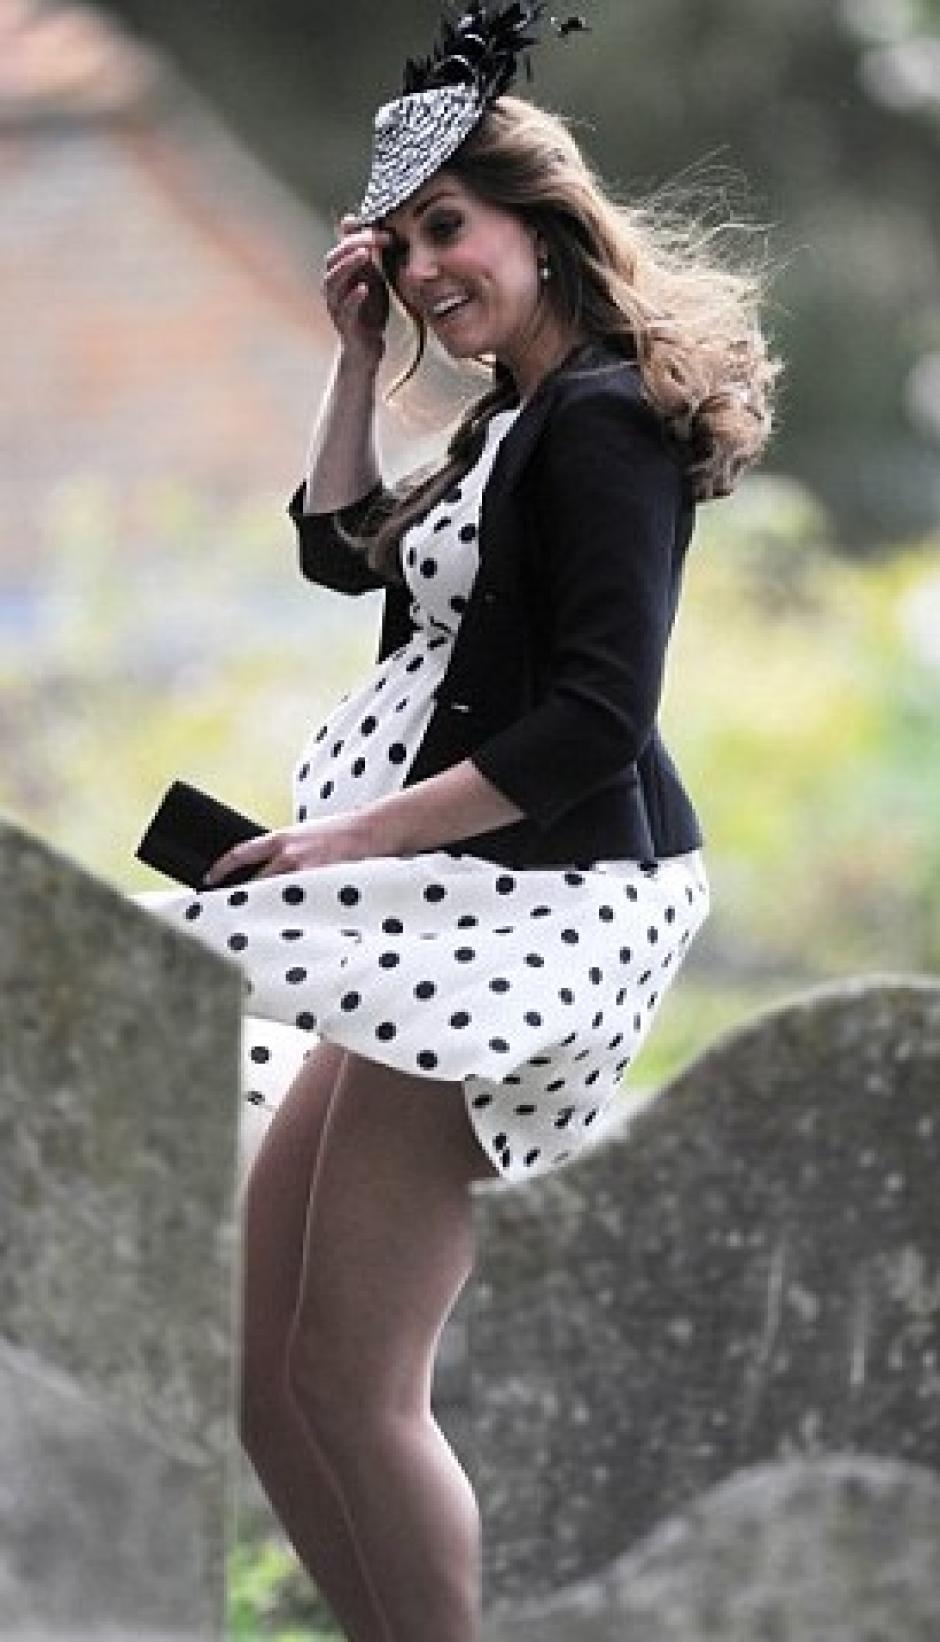 Con este vestido que usó en la boda de los Van Cutsem, amigos del príncipe Guillermo robó miradas, aún embarazada. (Foto: Laboratorio de Estilo ABC)